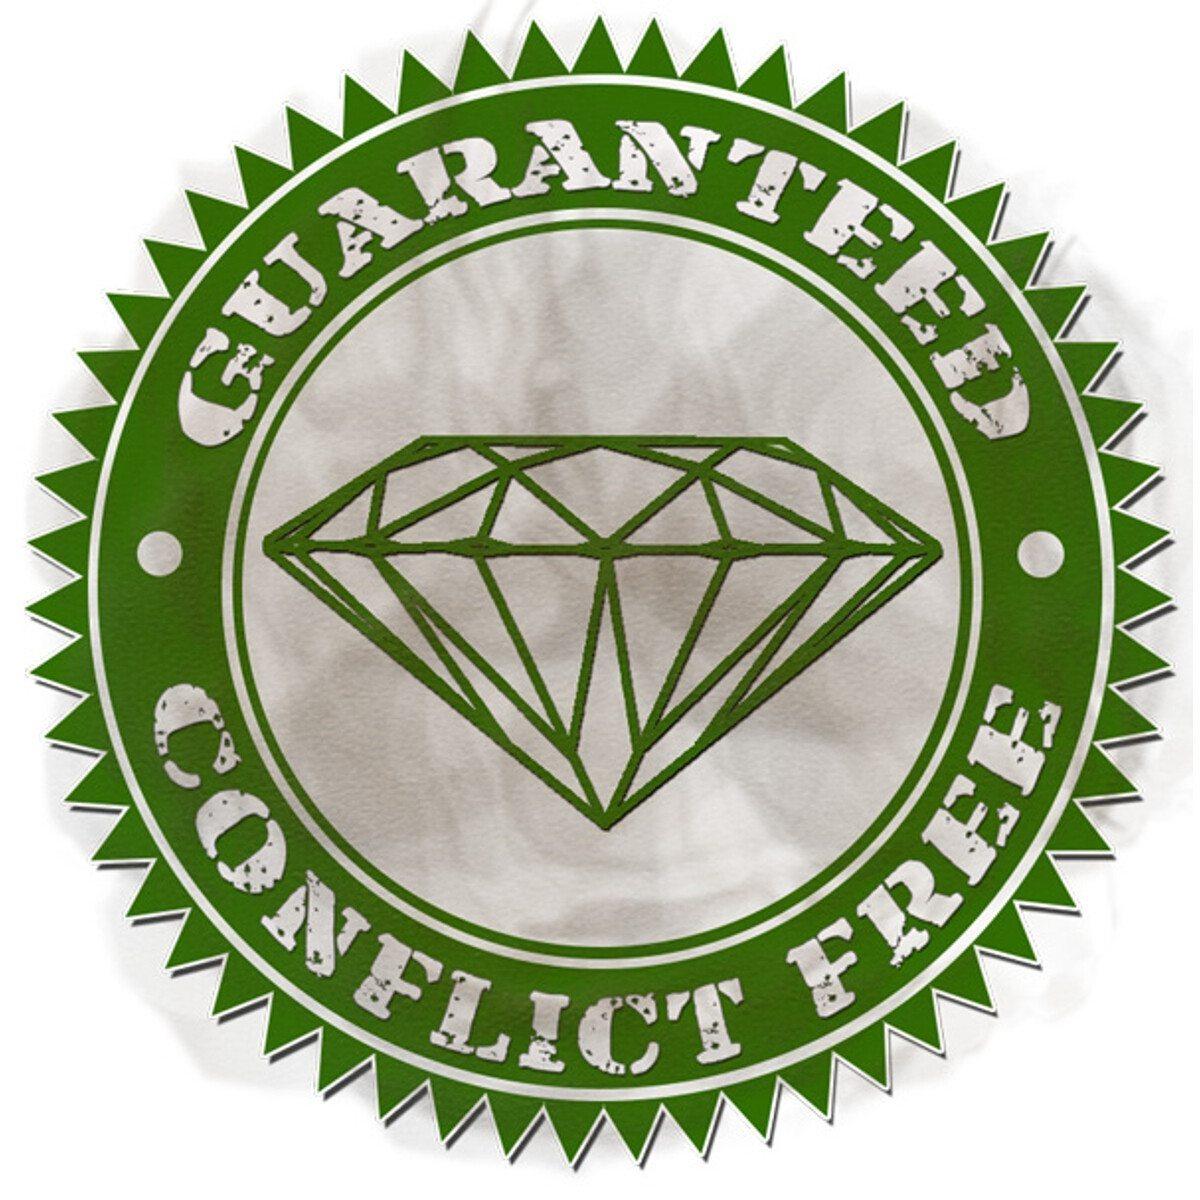 Centaura onnittelukortti timanteilla (0,05 karaattia)